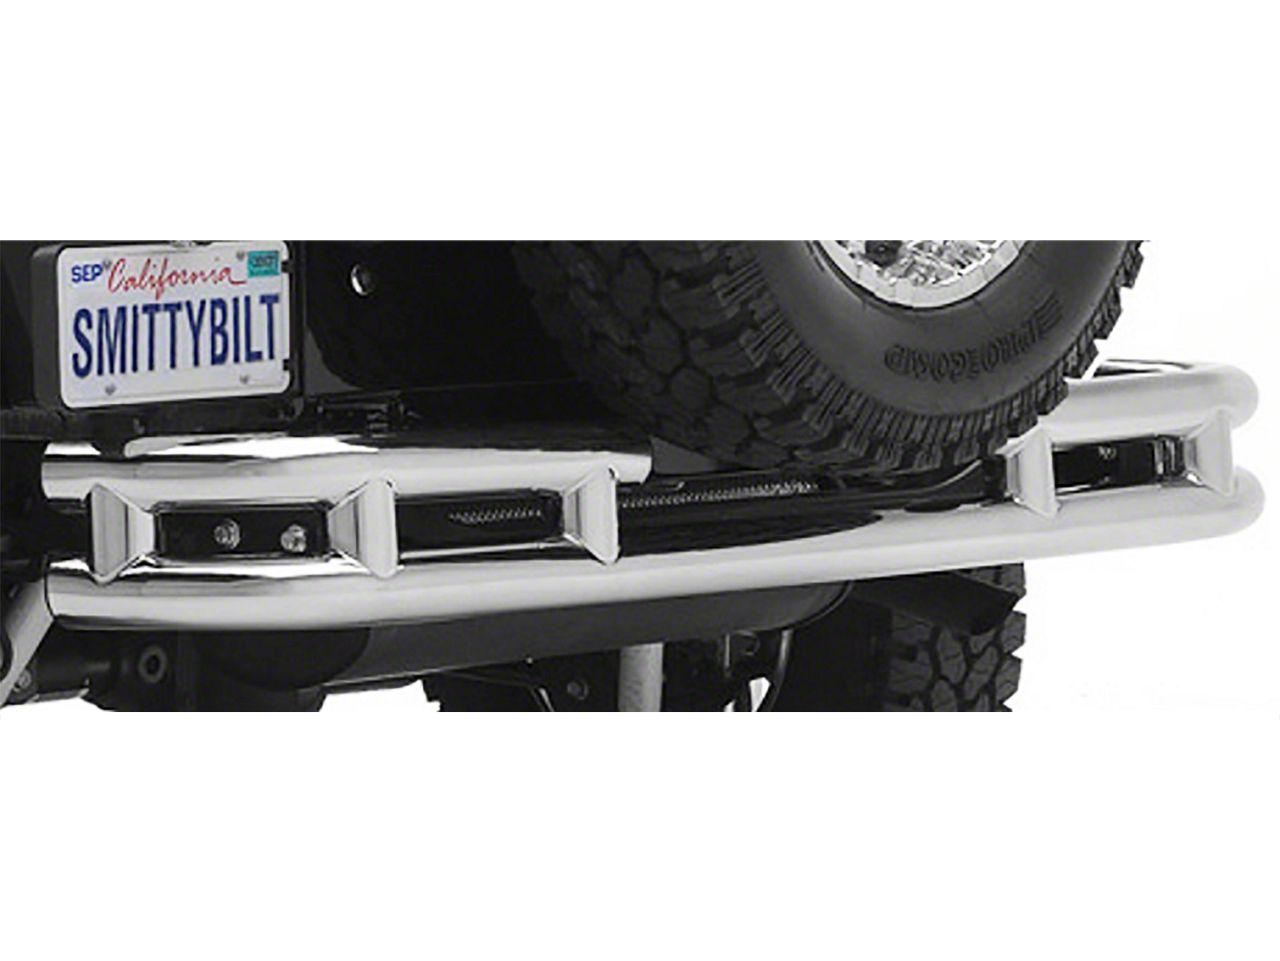 Smittybilt Tubular Rear Bumper w/ Hitch - Stainless Steel (87-06 Jeep Wrangler YJ & TJ)